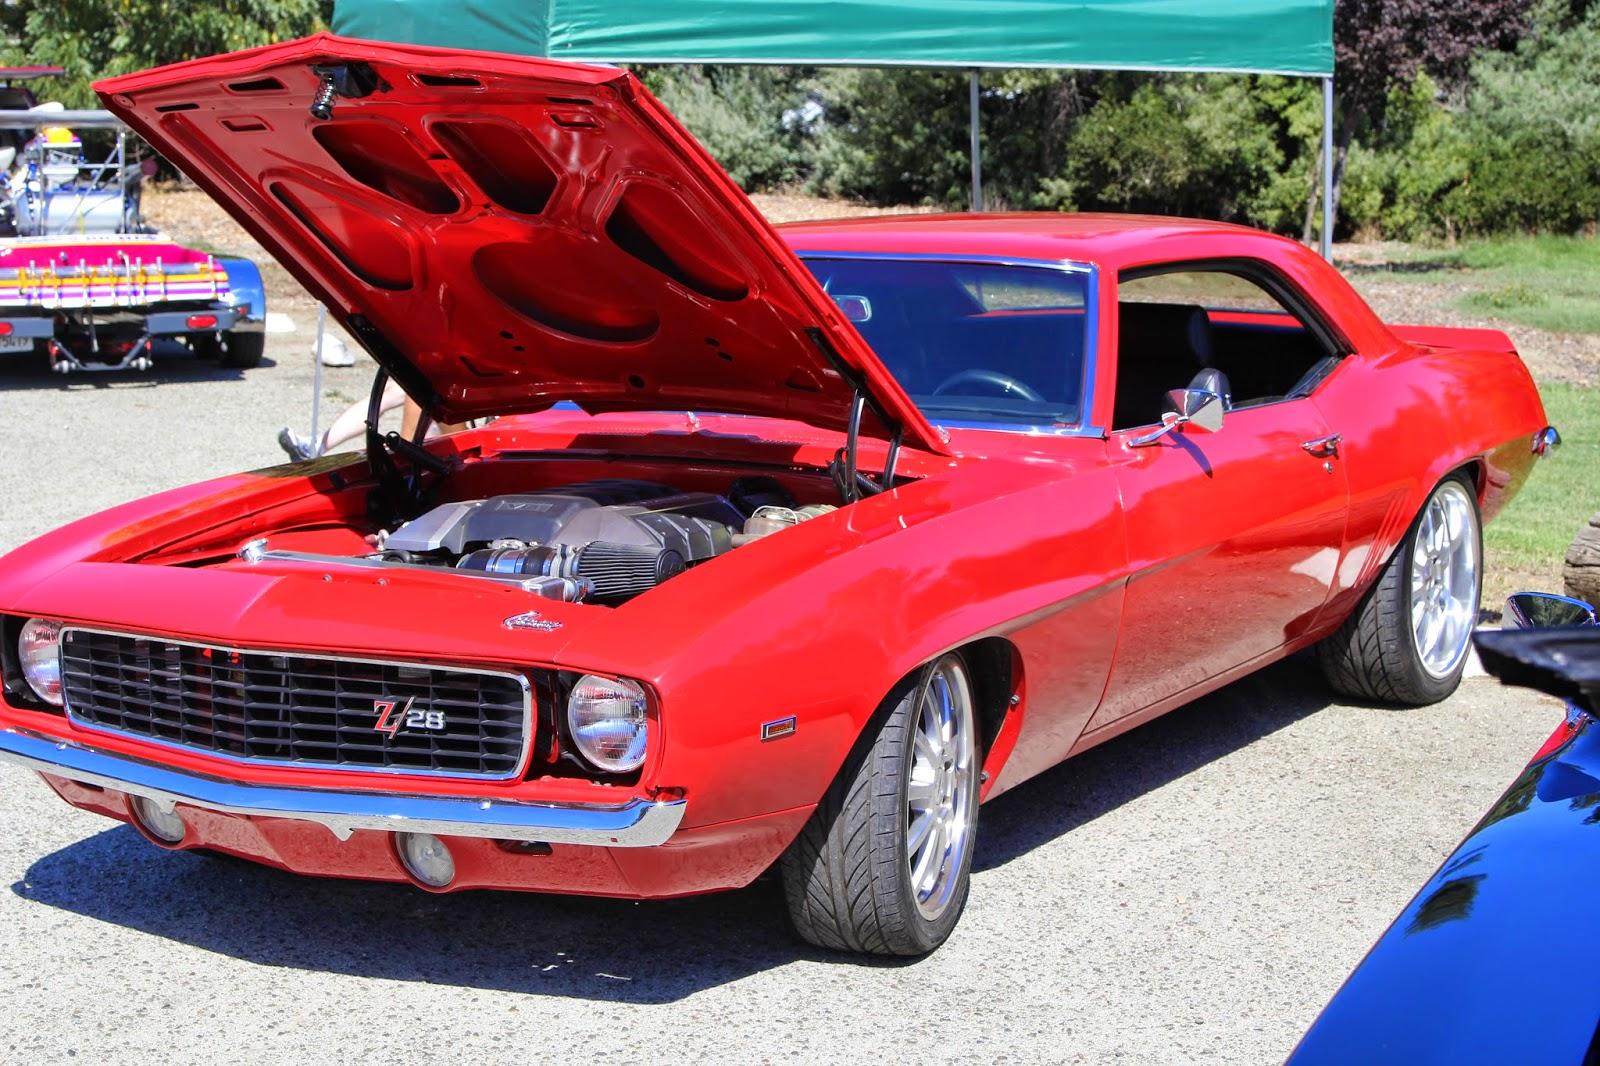 Steve's Camaro Parts: 1967 - 1969 Camaro Parts - Elks Club ...